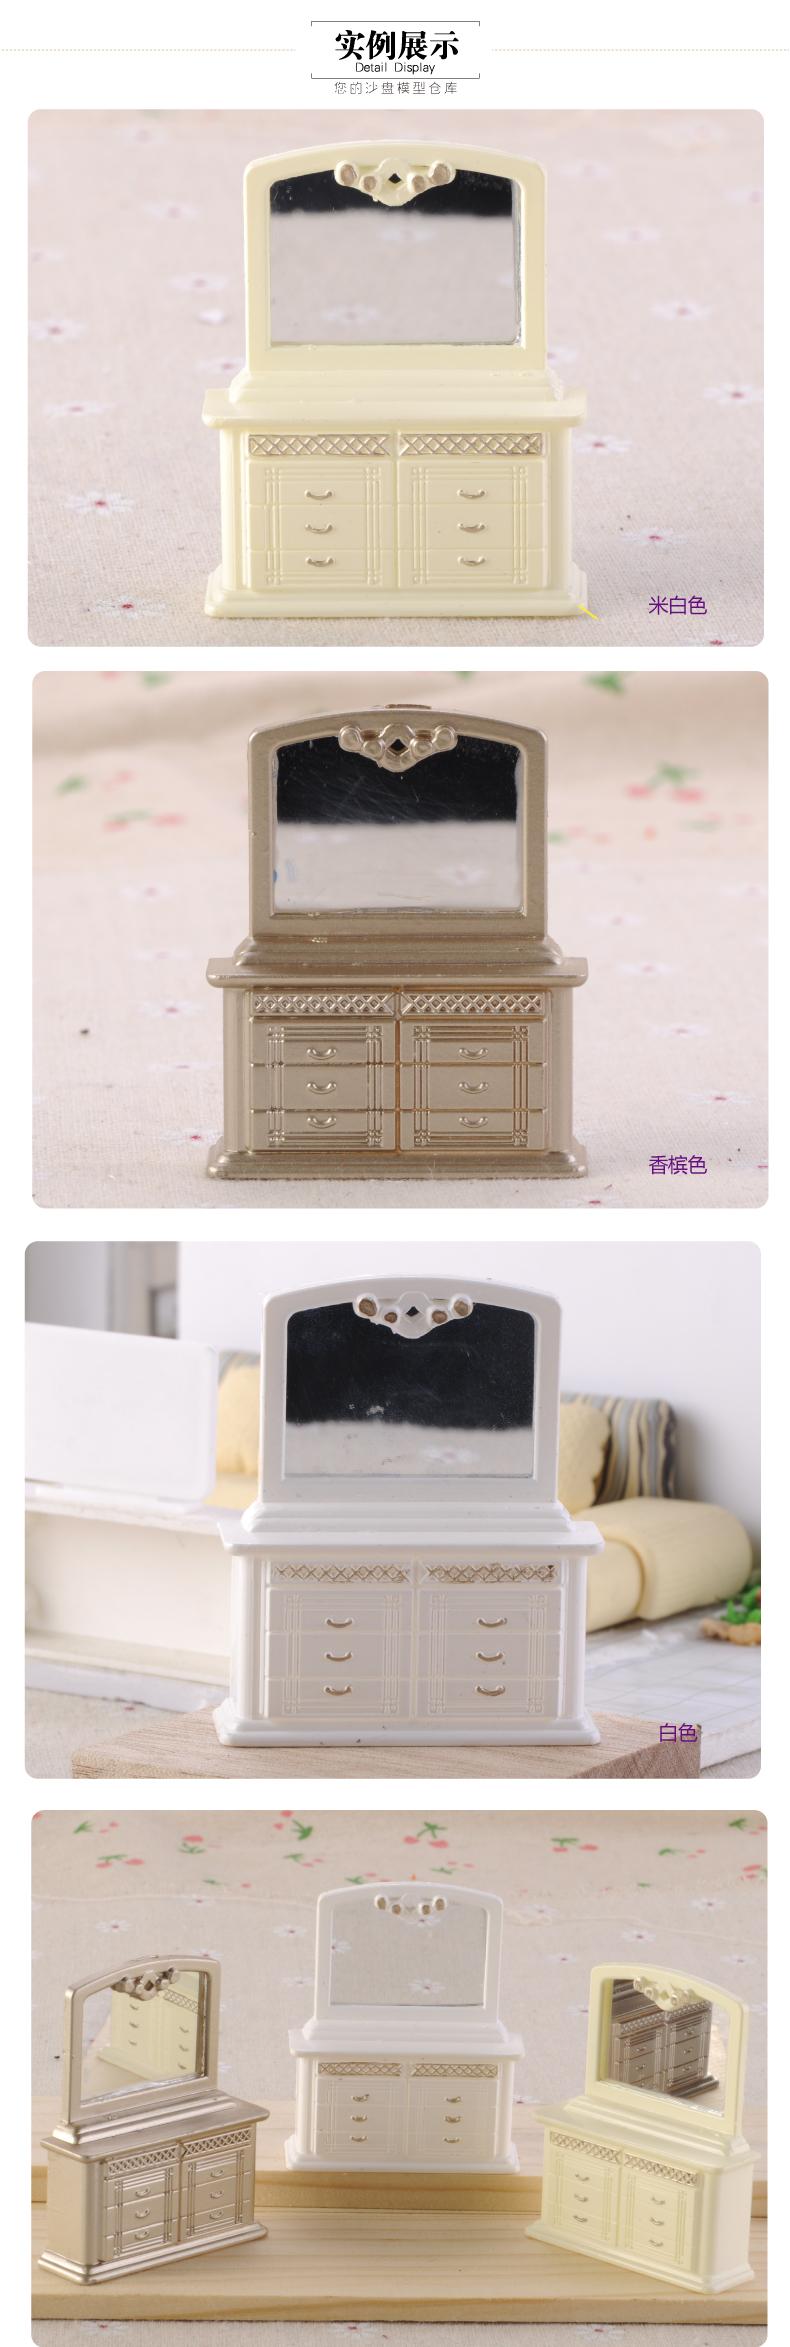 螃蟹王国建筑沙盘模型欧式家具系列模型欧式梳妆台1